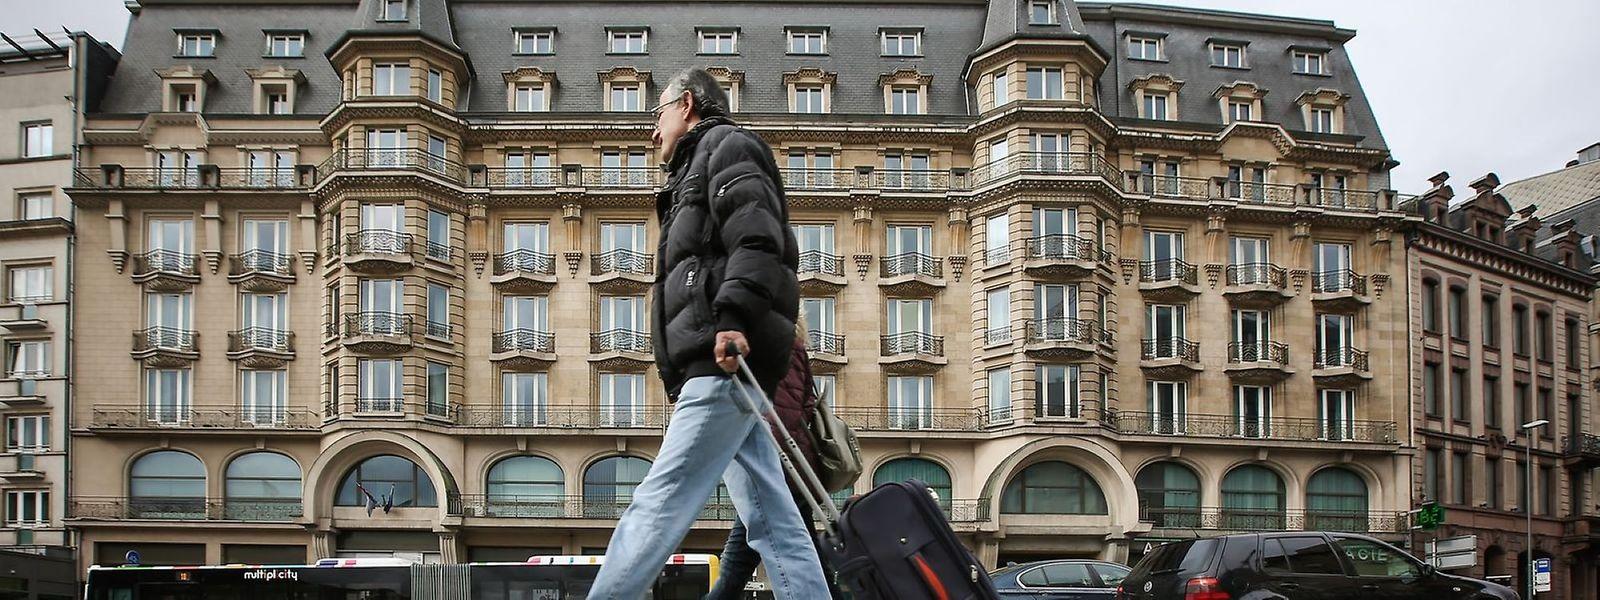 Alfa Hôtel, l'enseigne luxembourgeoise de la gare, a trouvé un nouveau repreneur. Il pourrait rouvrir ses portes en 2021.